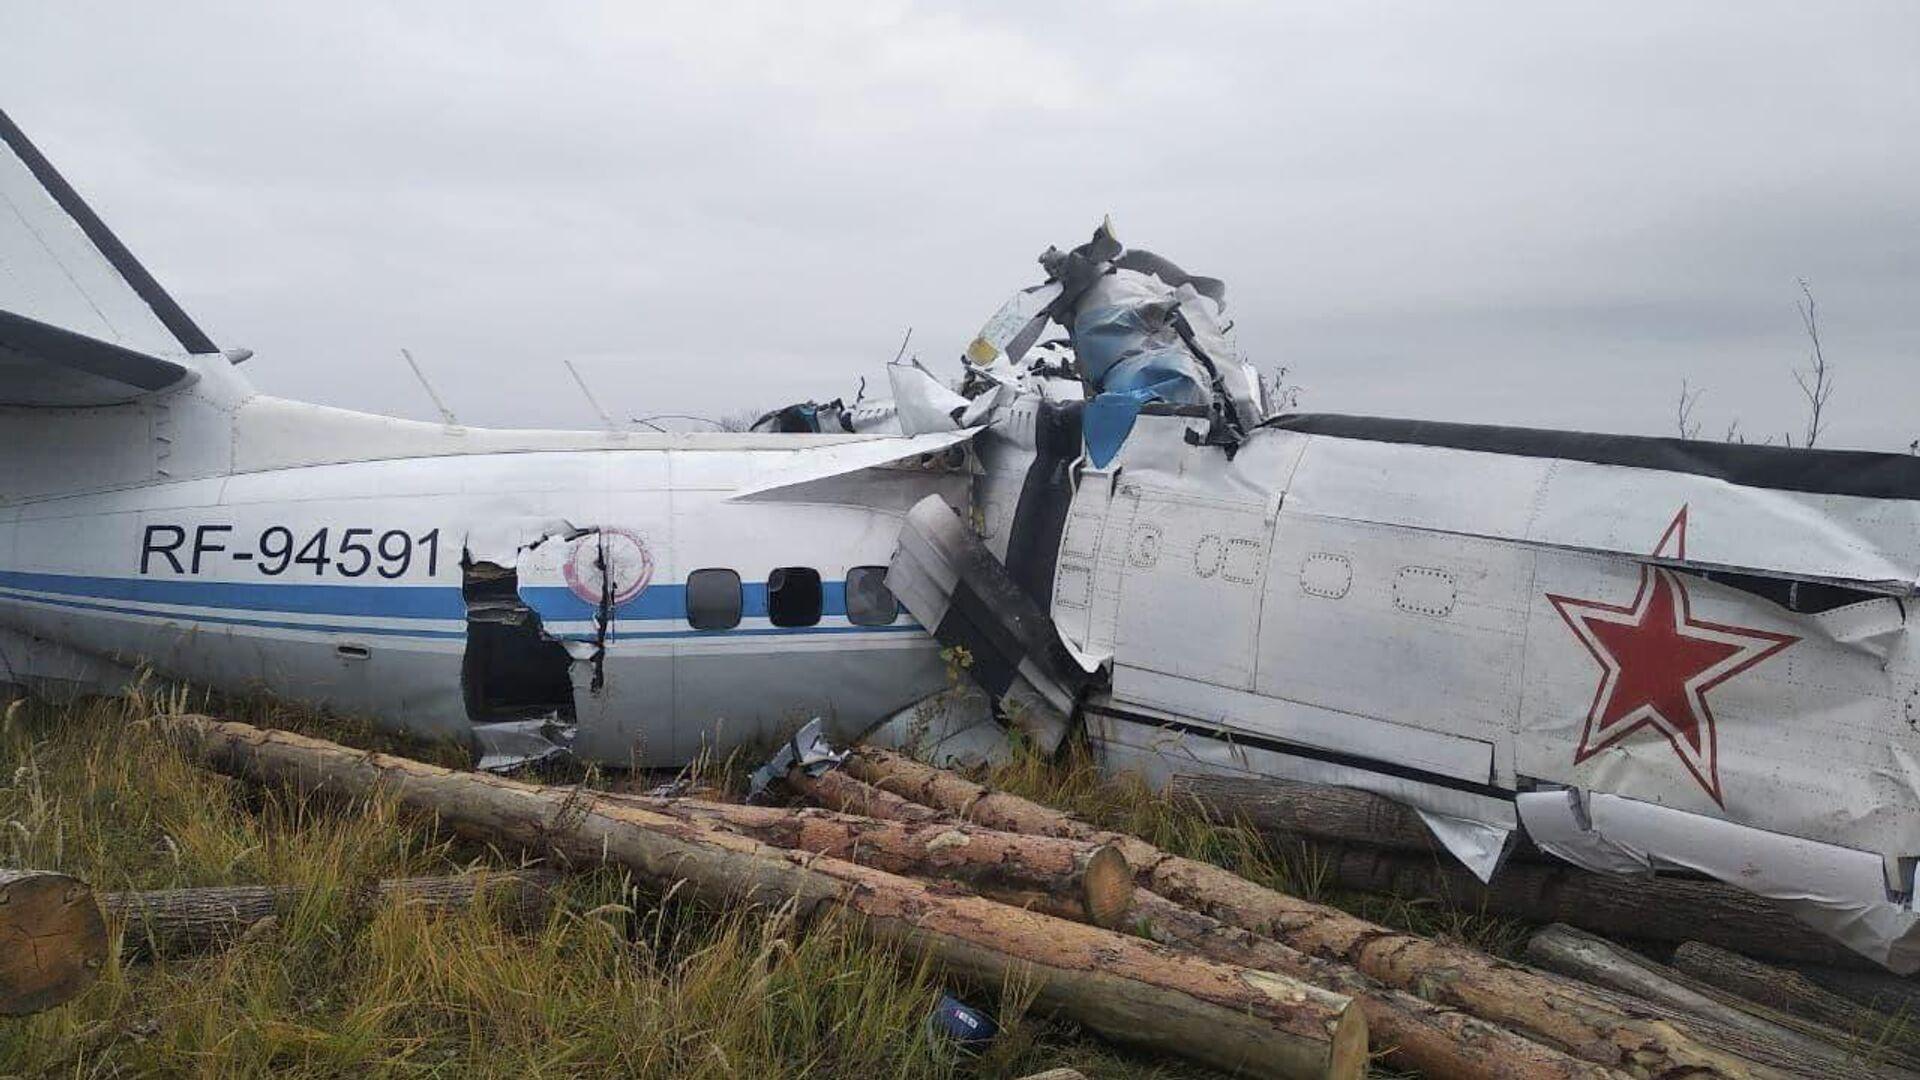 El avión bimotor L-410 estrellado en Tartaristán - Sputnik Mundo, 1920, 10.10.2021